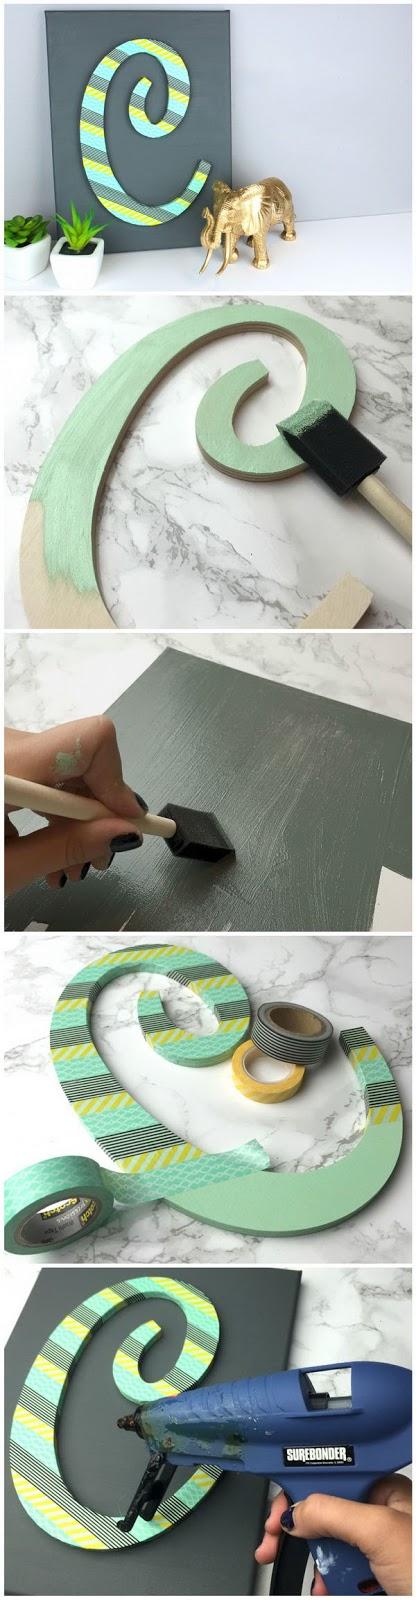 As fitas decorativas literalmente tomaram o mundo do artesanato. Como este tutorial de Alfabeto Listrado mostra, elas deixam o trabalho mais fácil de fazer, levando poucos minutos!